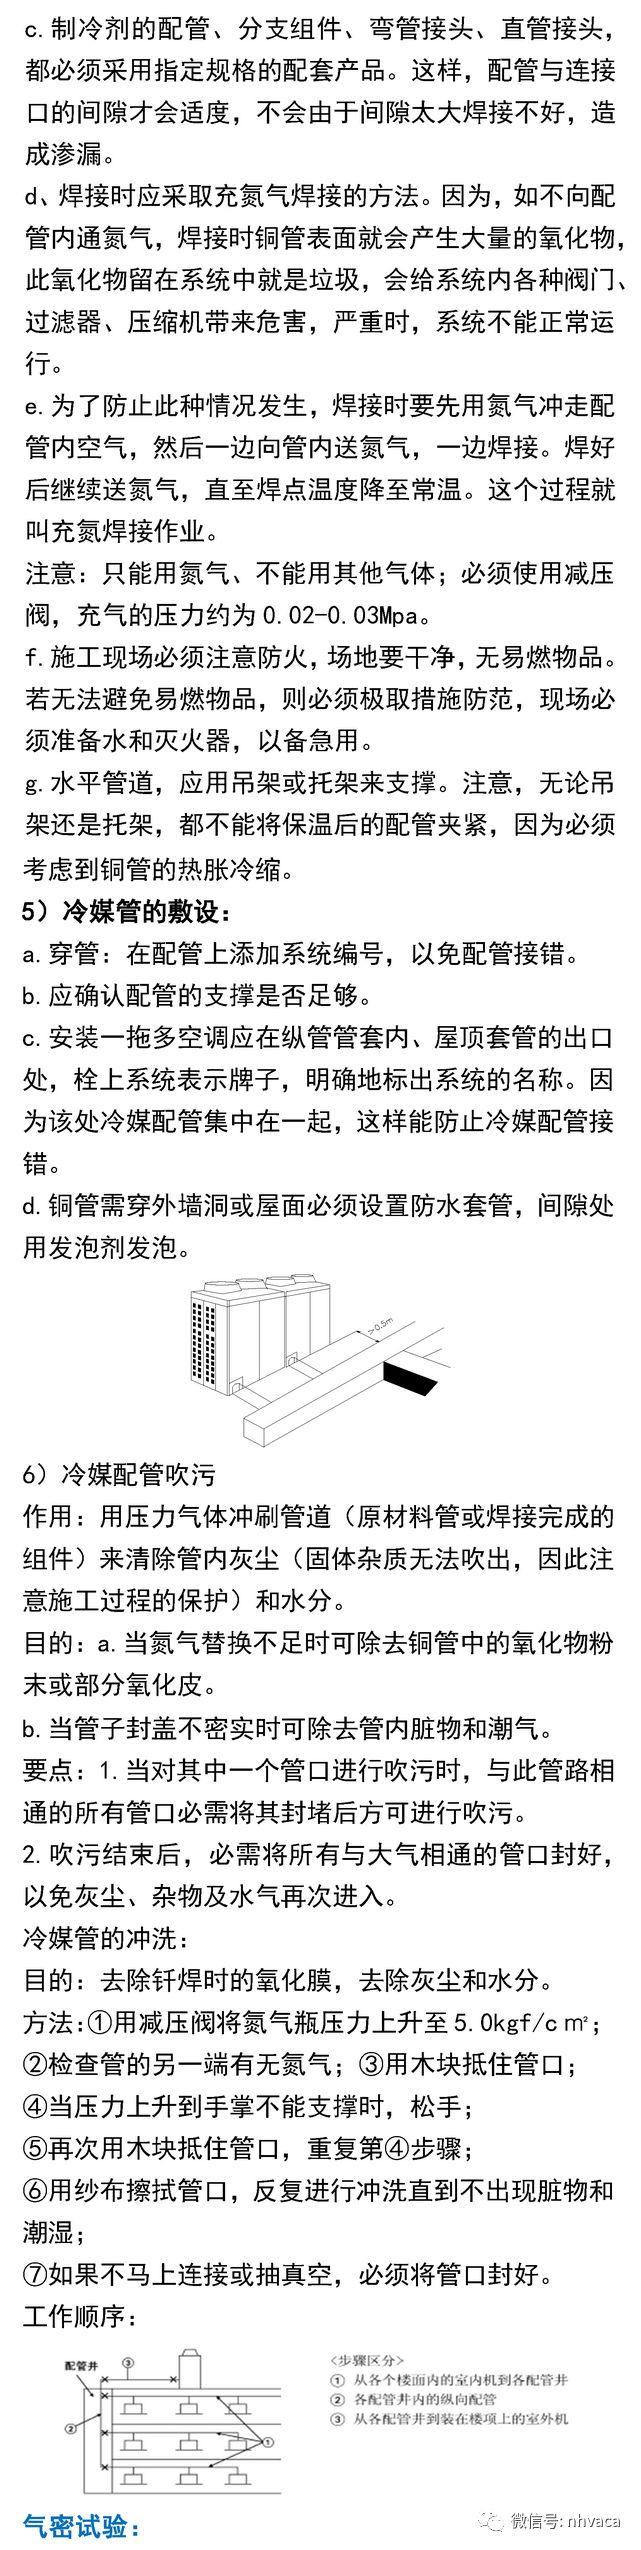 变频多联机安装图示_7